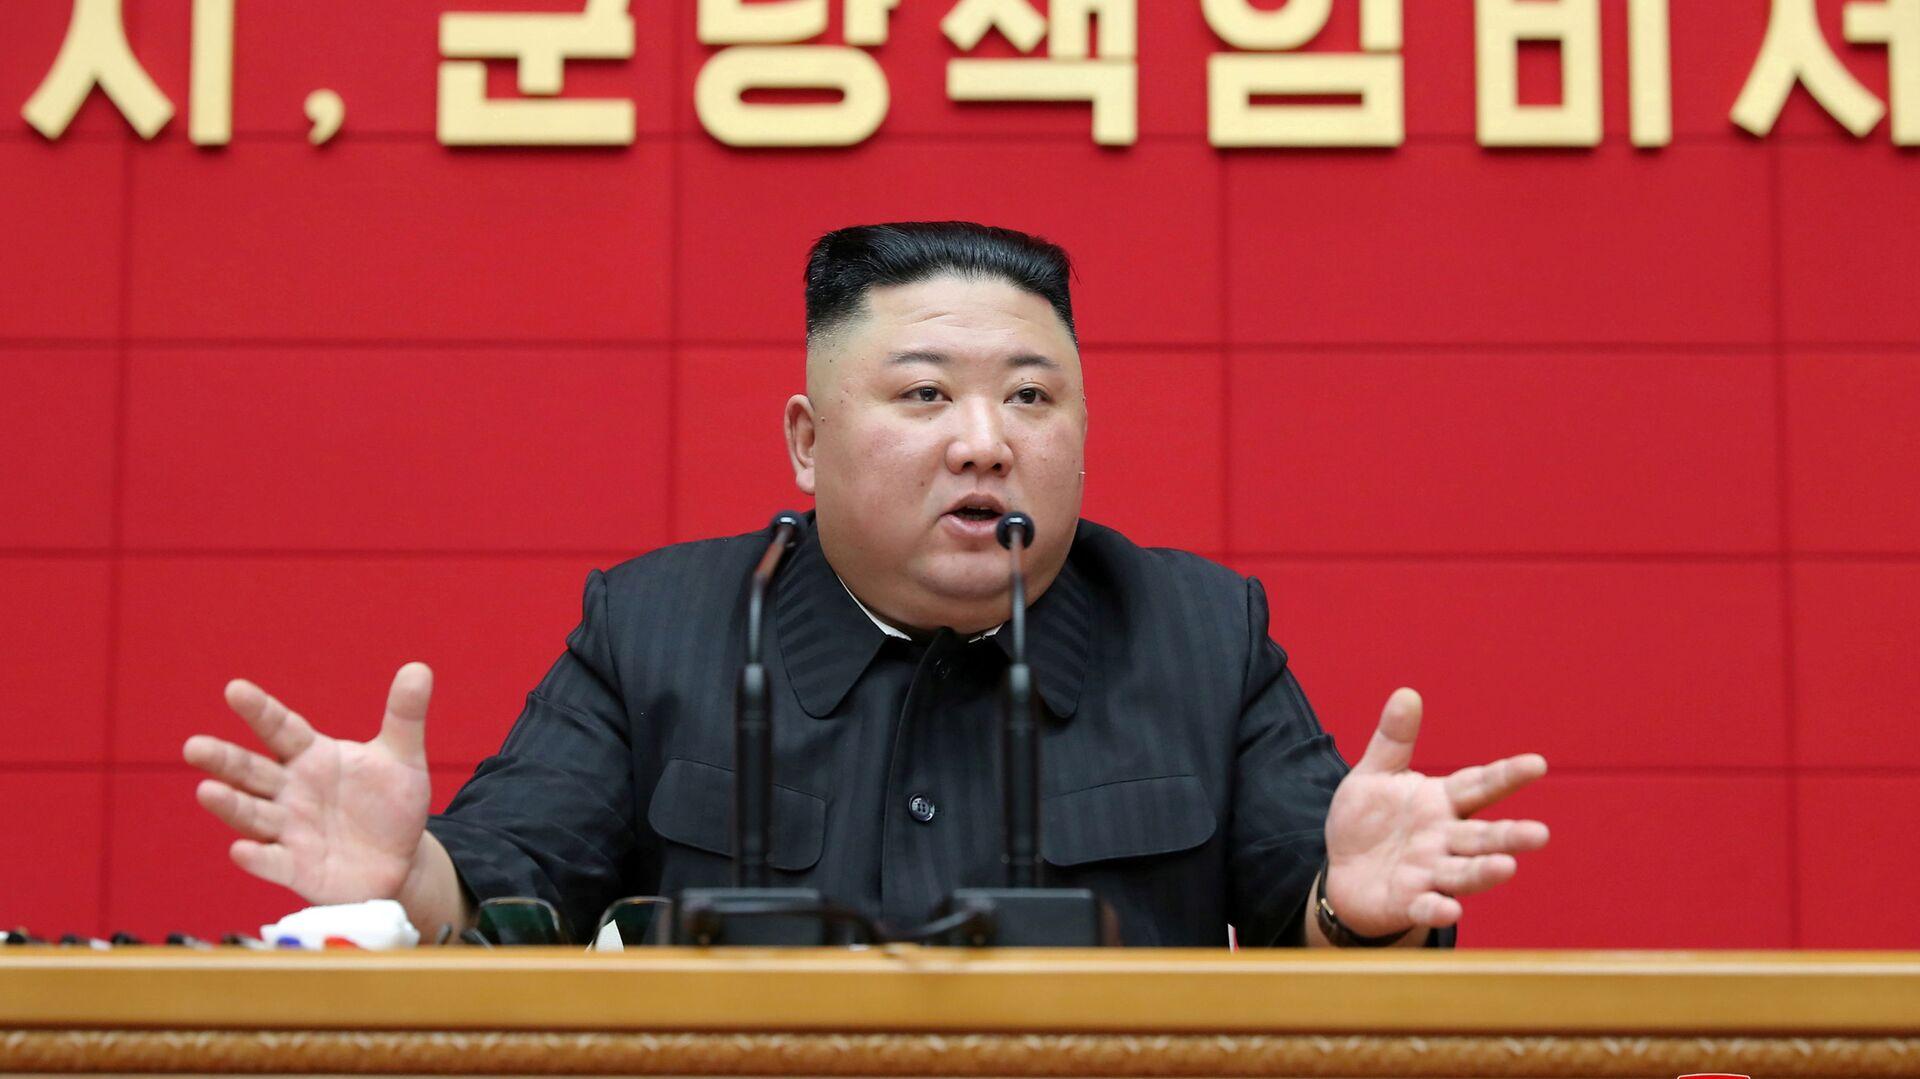 Il leader nordcorenano Kim Jong Un  - Sputnik Italia, 1920, 09.07.2021